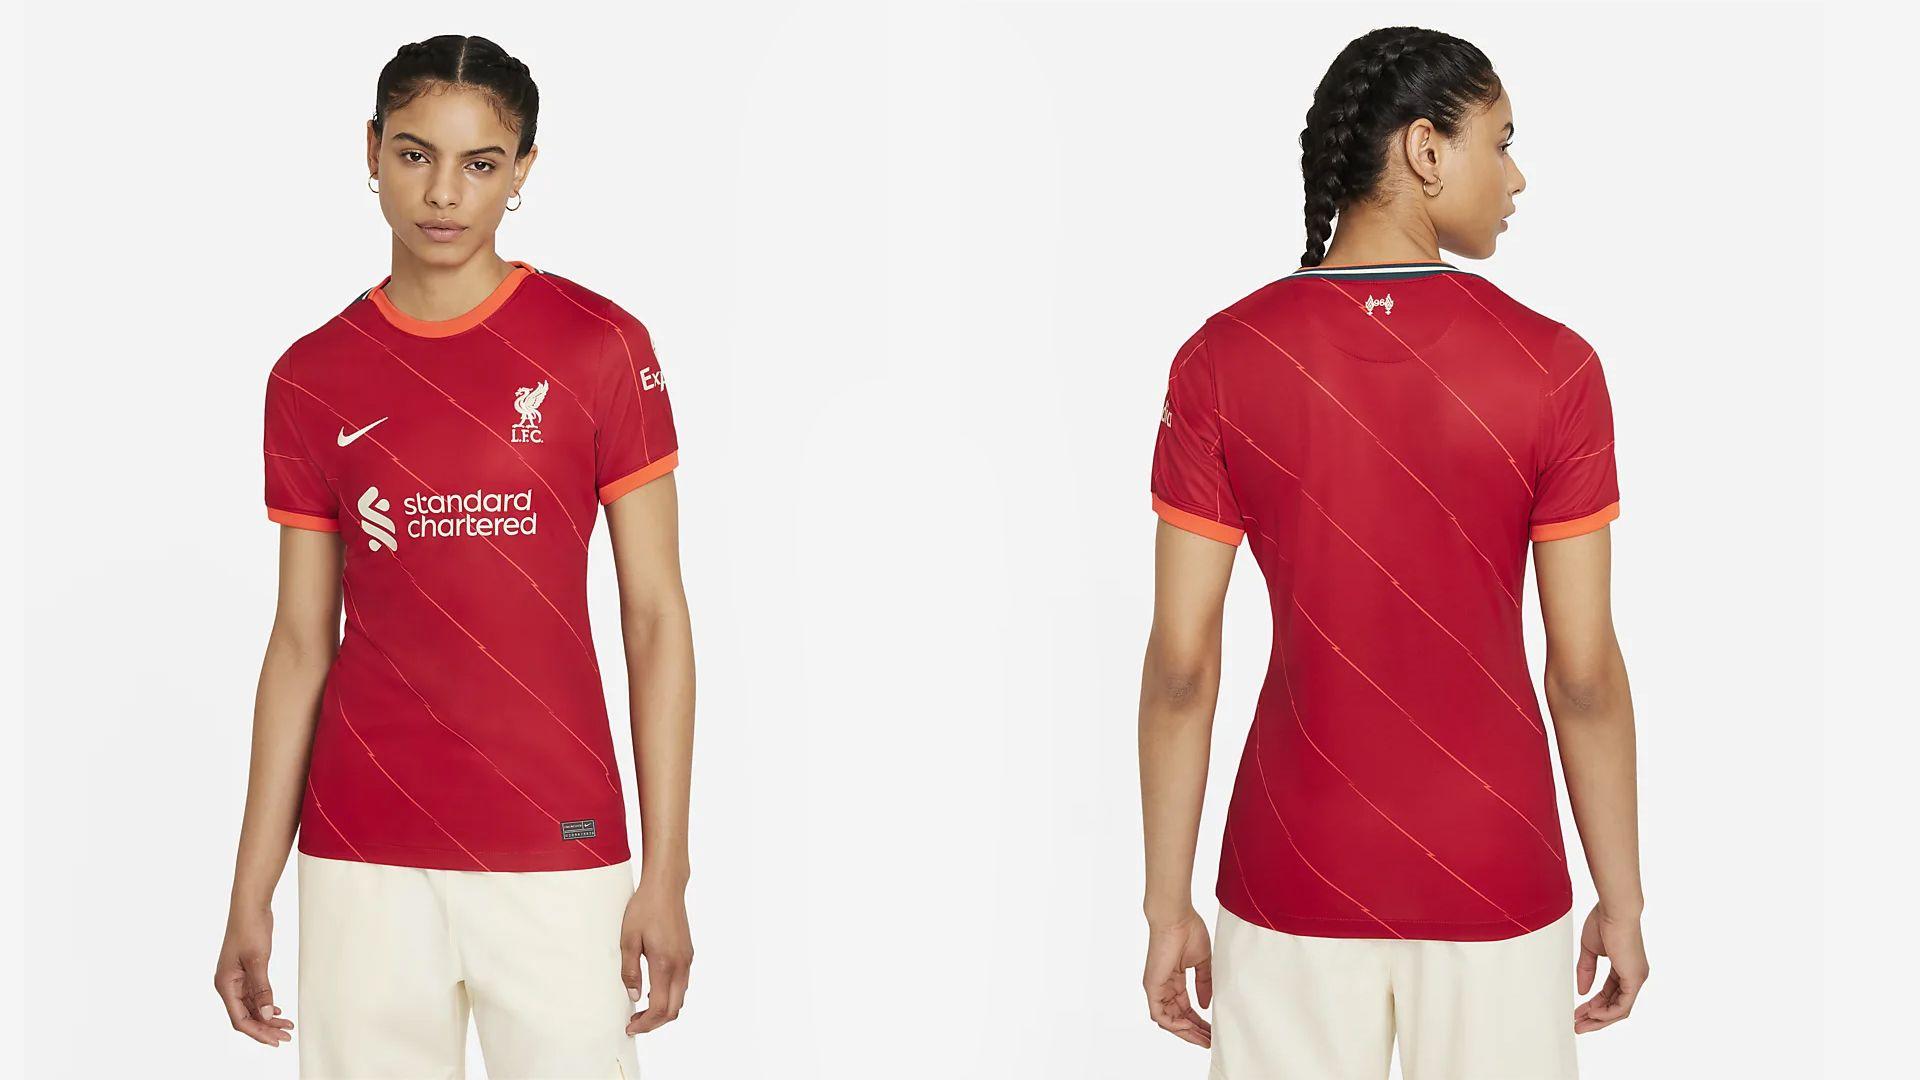 Camisa do Liverpool (Imagem: Divulgação/Nike)